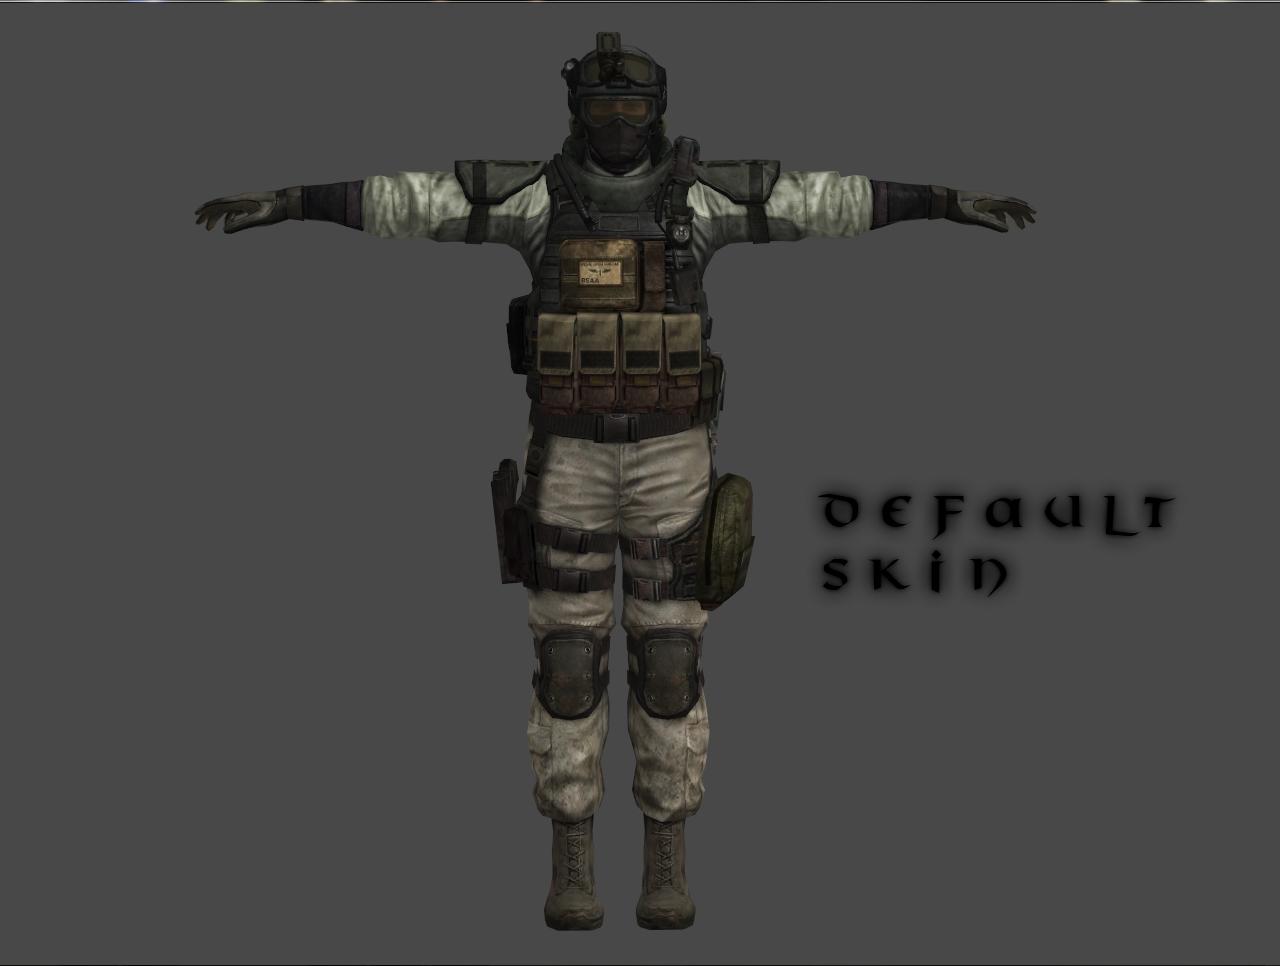 Resident Evil Umbrella Chrnicles Subway Map 3d Model.Bsaa Operator Default Skin Image Resident Evil Alternative